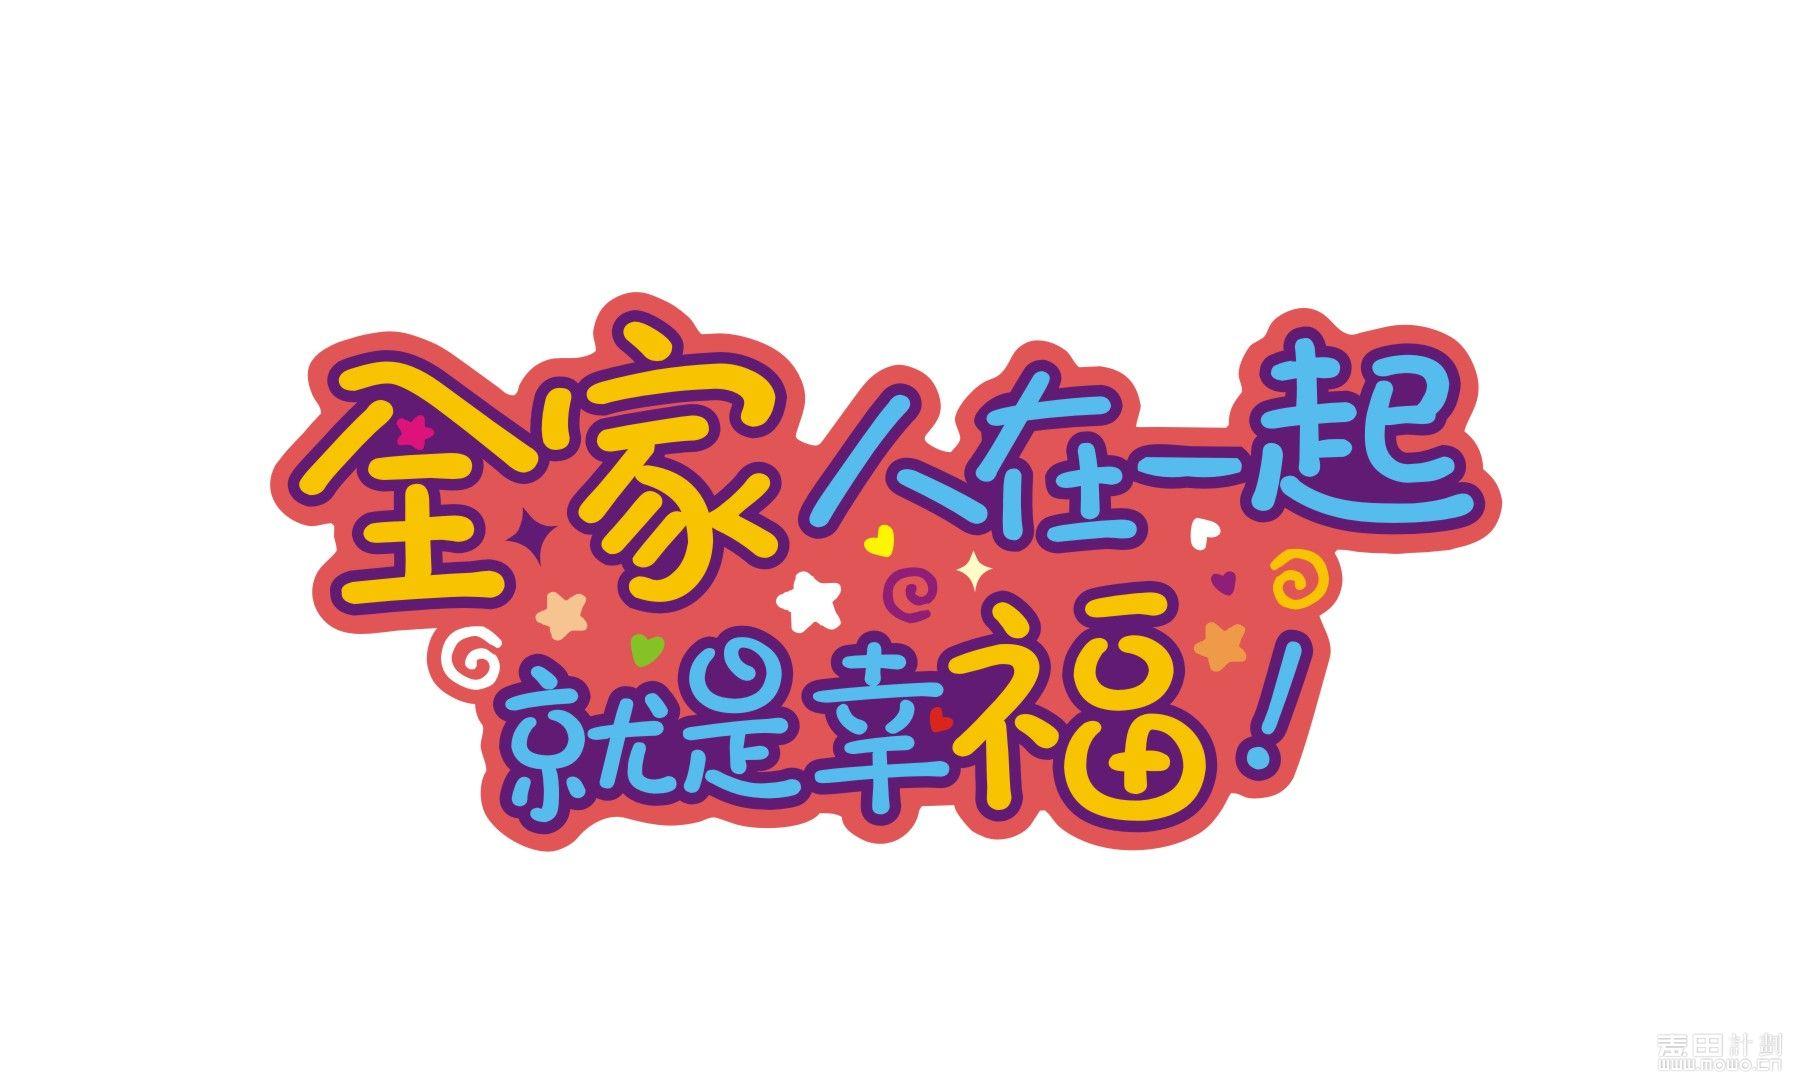 4口号logo.jpg